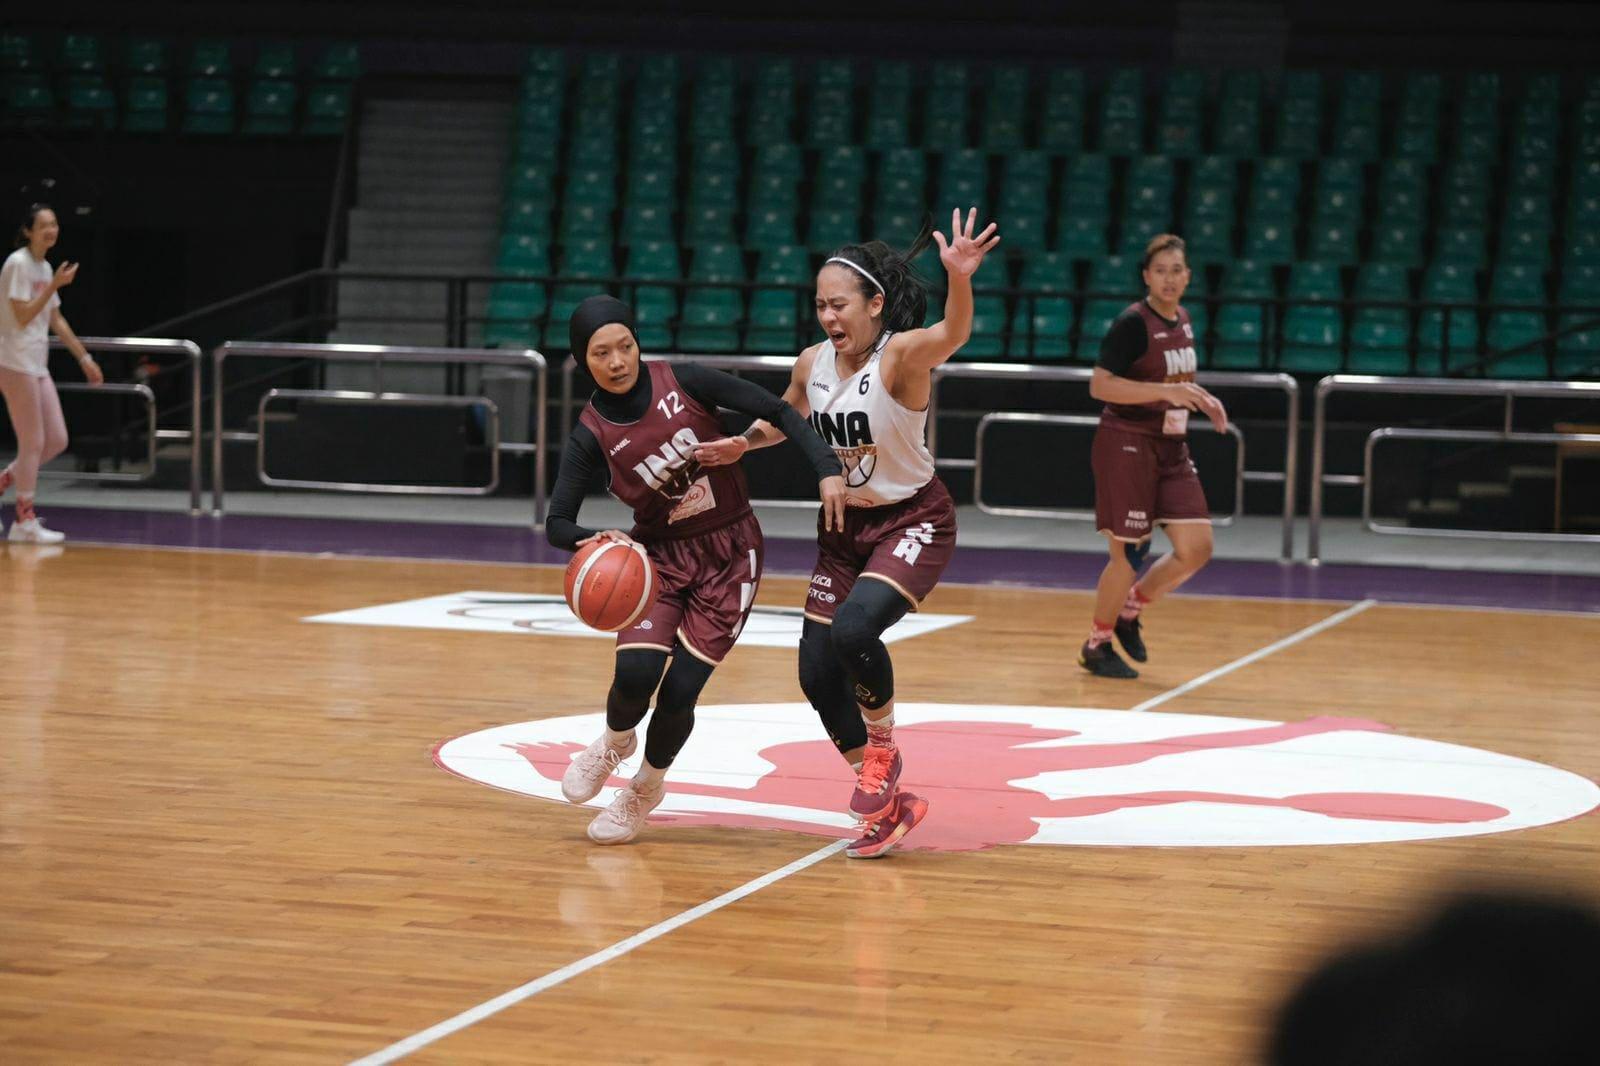 Jelang FIBA Asia CUP 2021, Timnas Putri Indonesia Malah Kehilangan Pemain Kuncinya - JPNN.com